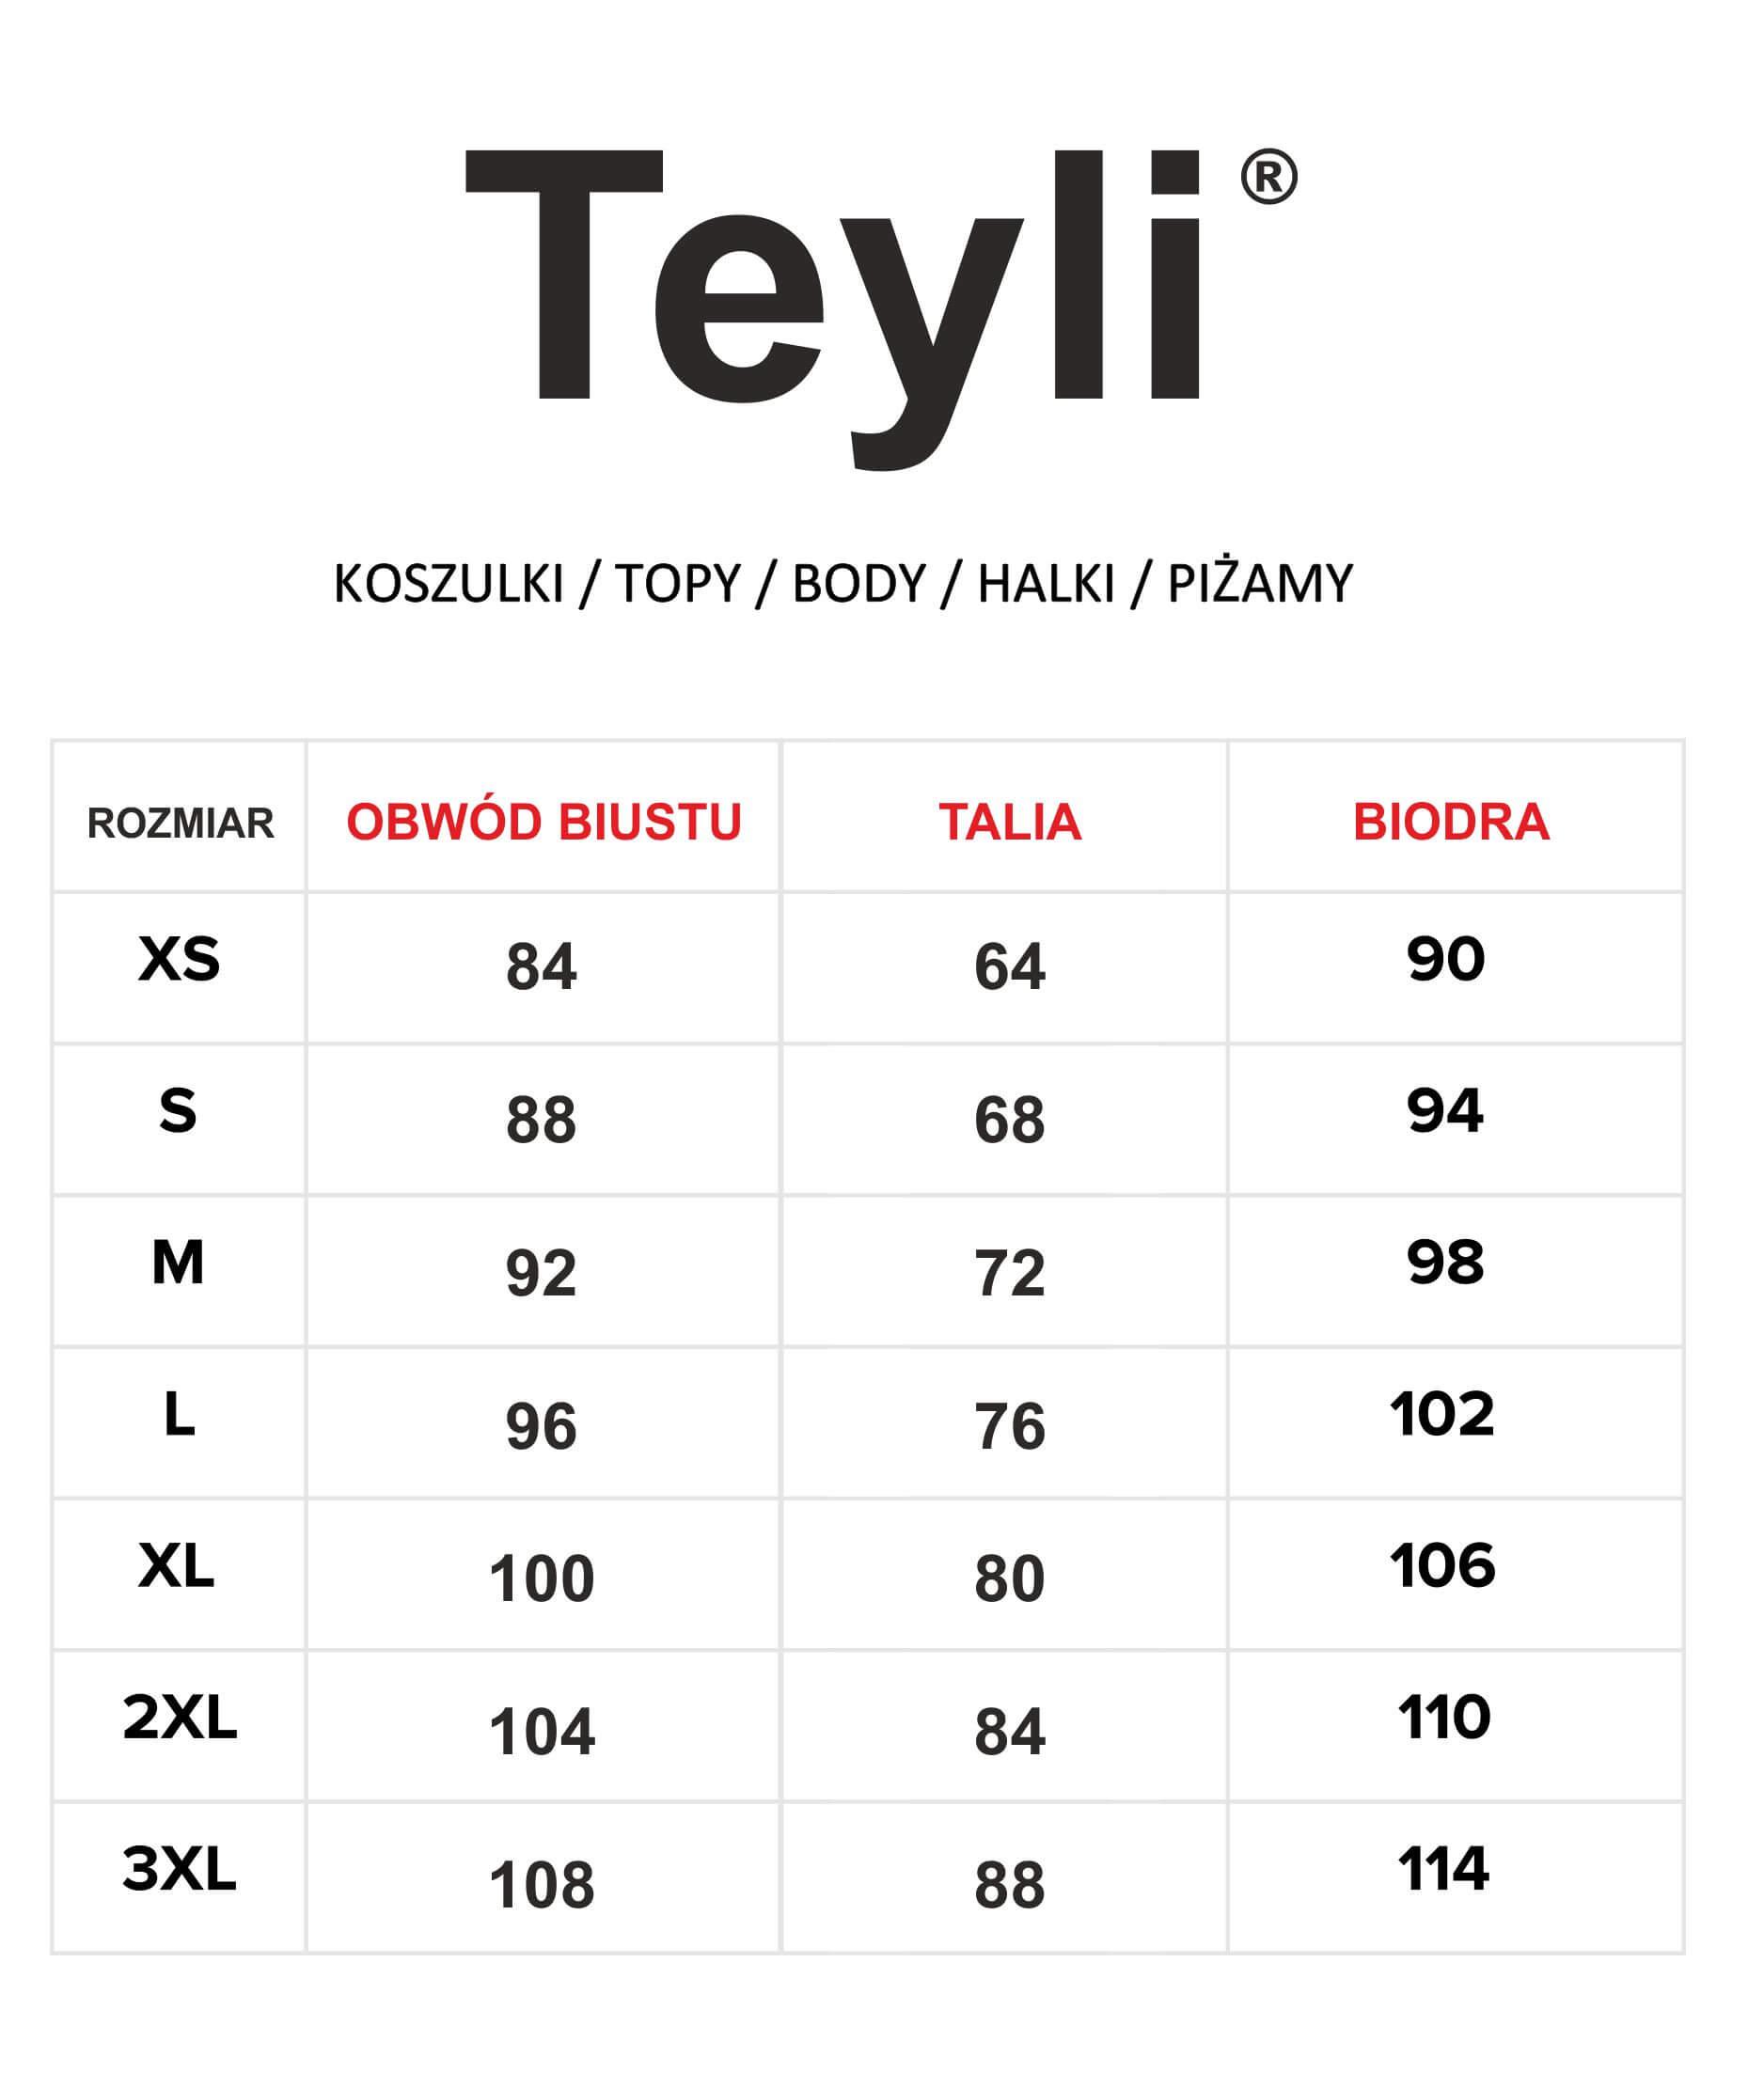 tabela rozmiarów koszulki topy body halki piżamy